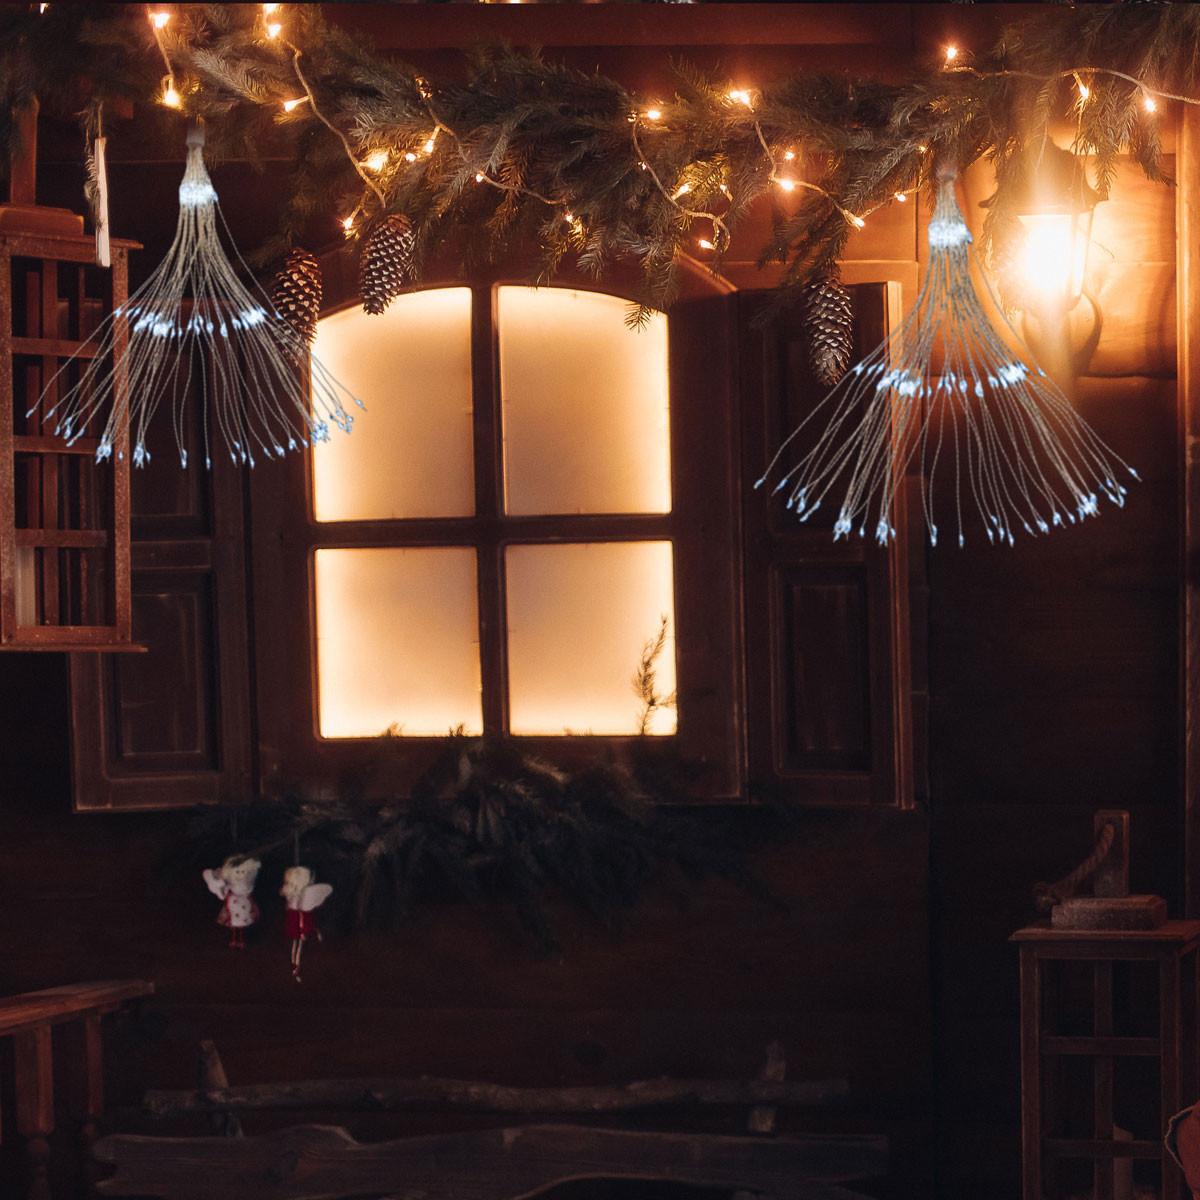 Lampki świąteczne fajerwerki na tle domu